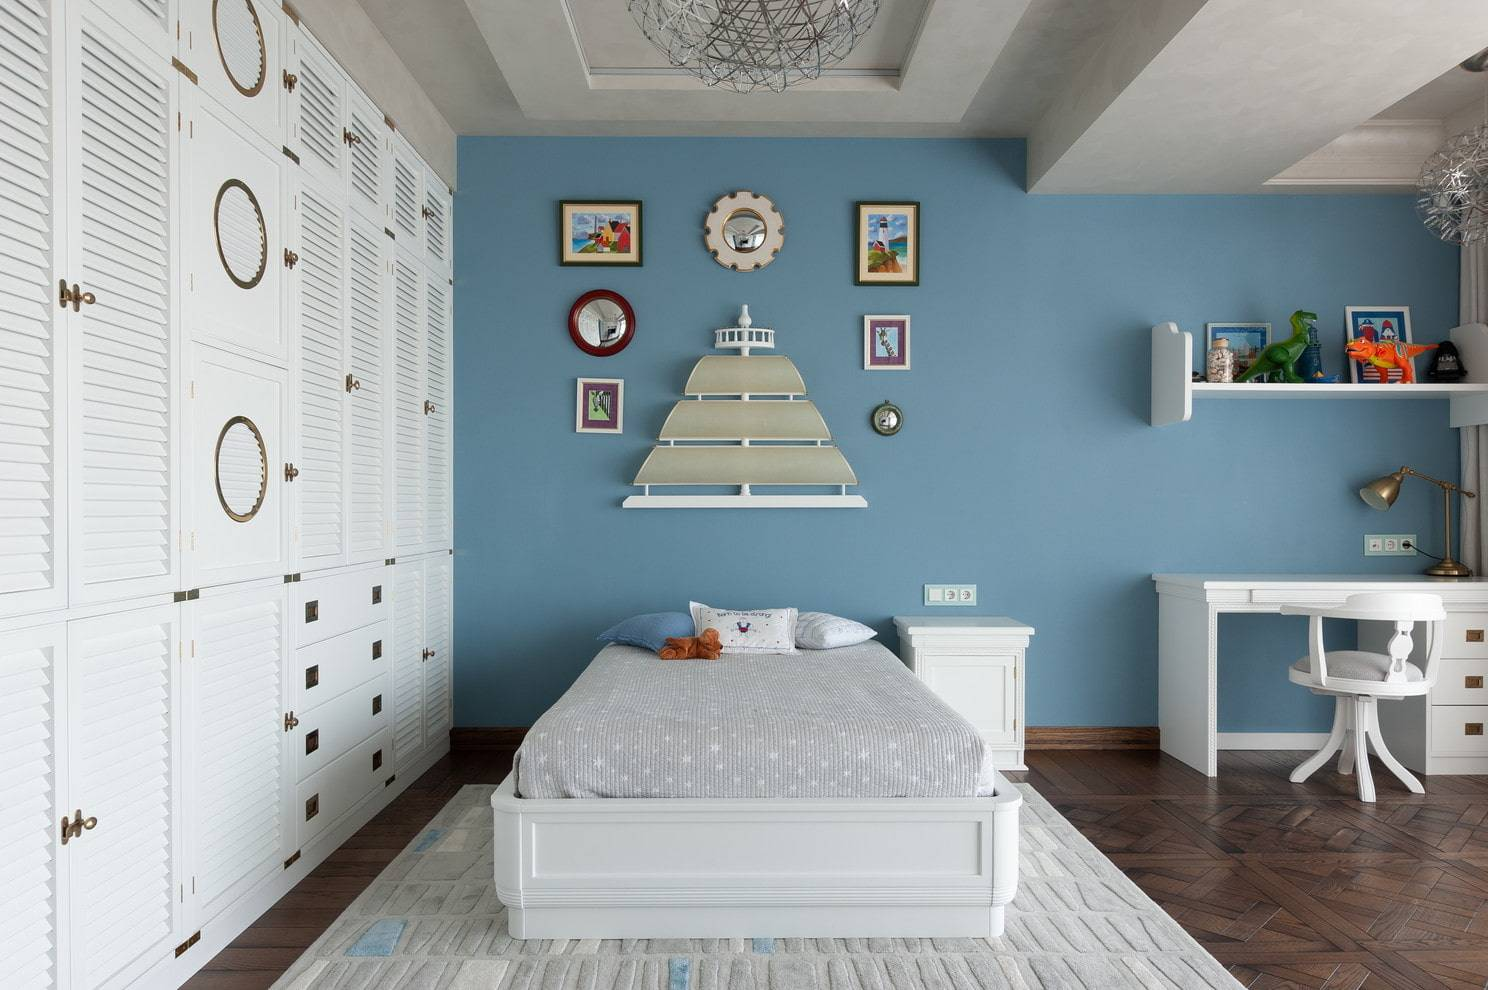 Детская комната в морском стиле - варианты оформления интерьера для мальчика и девочки, планировка и зонирование пространства, идеи на фото